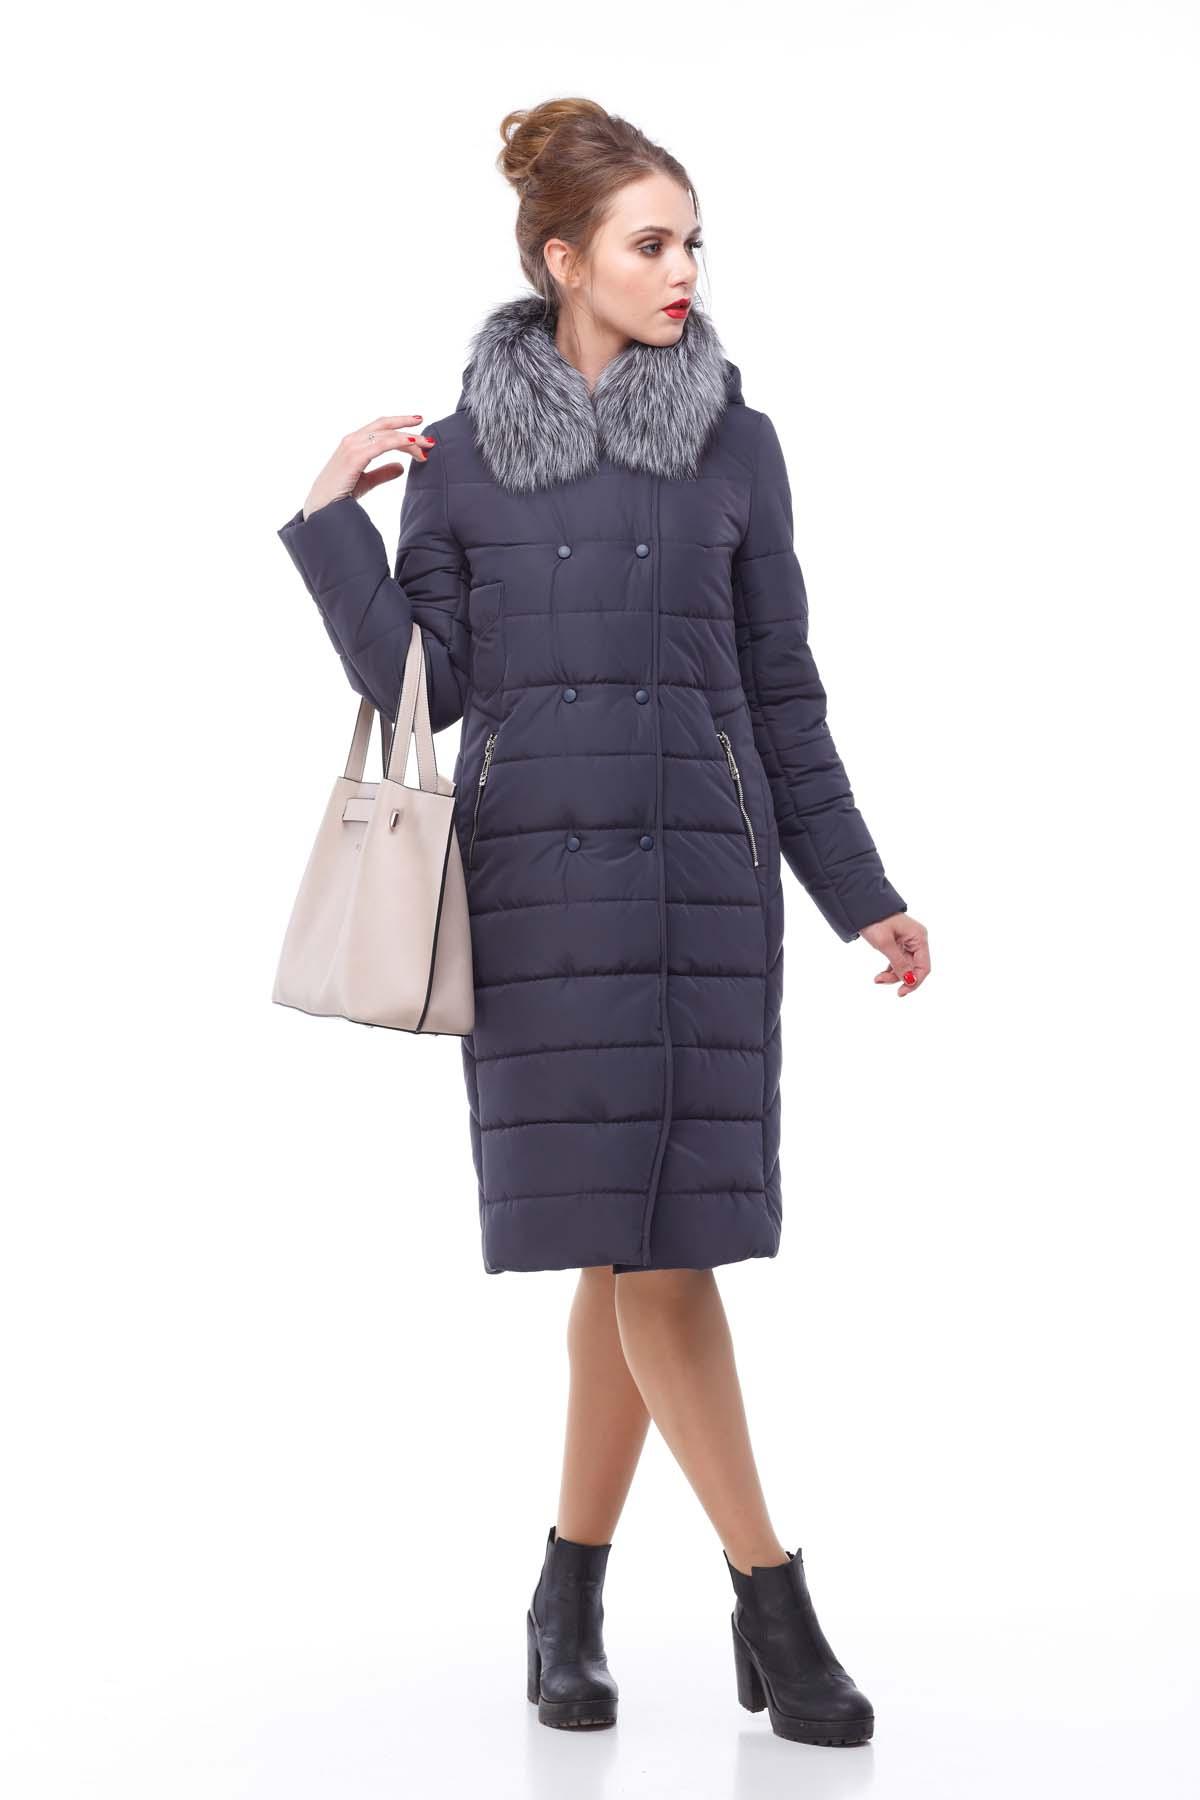 Зимове пальто стьогане Кім Зима, чорнобурка графіт